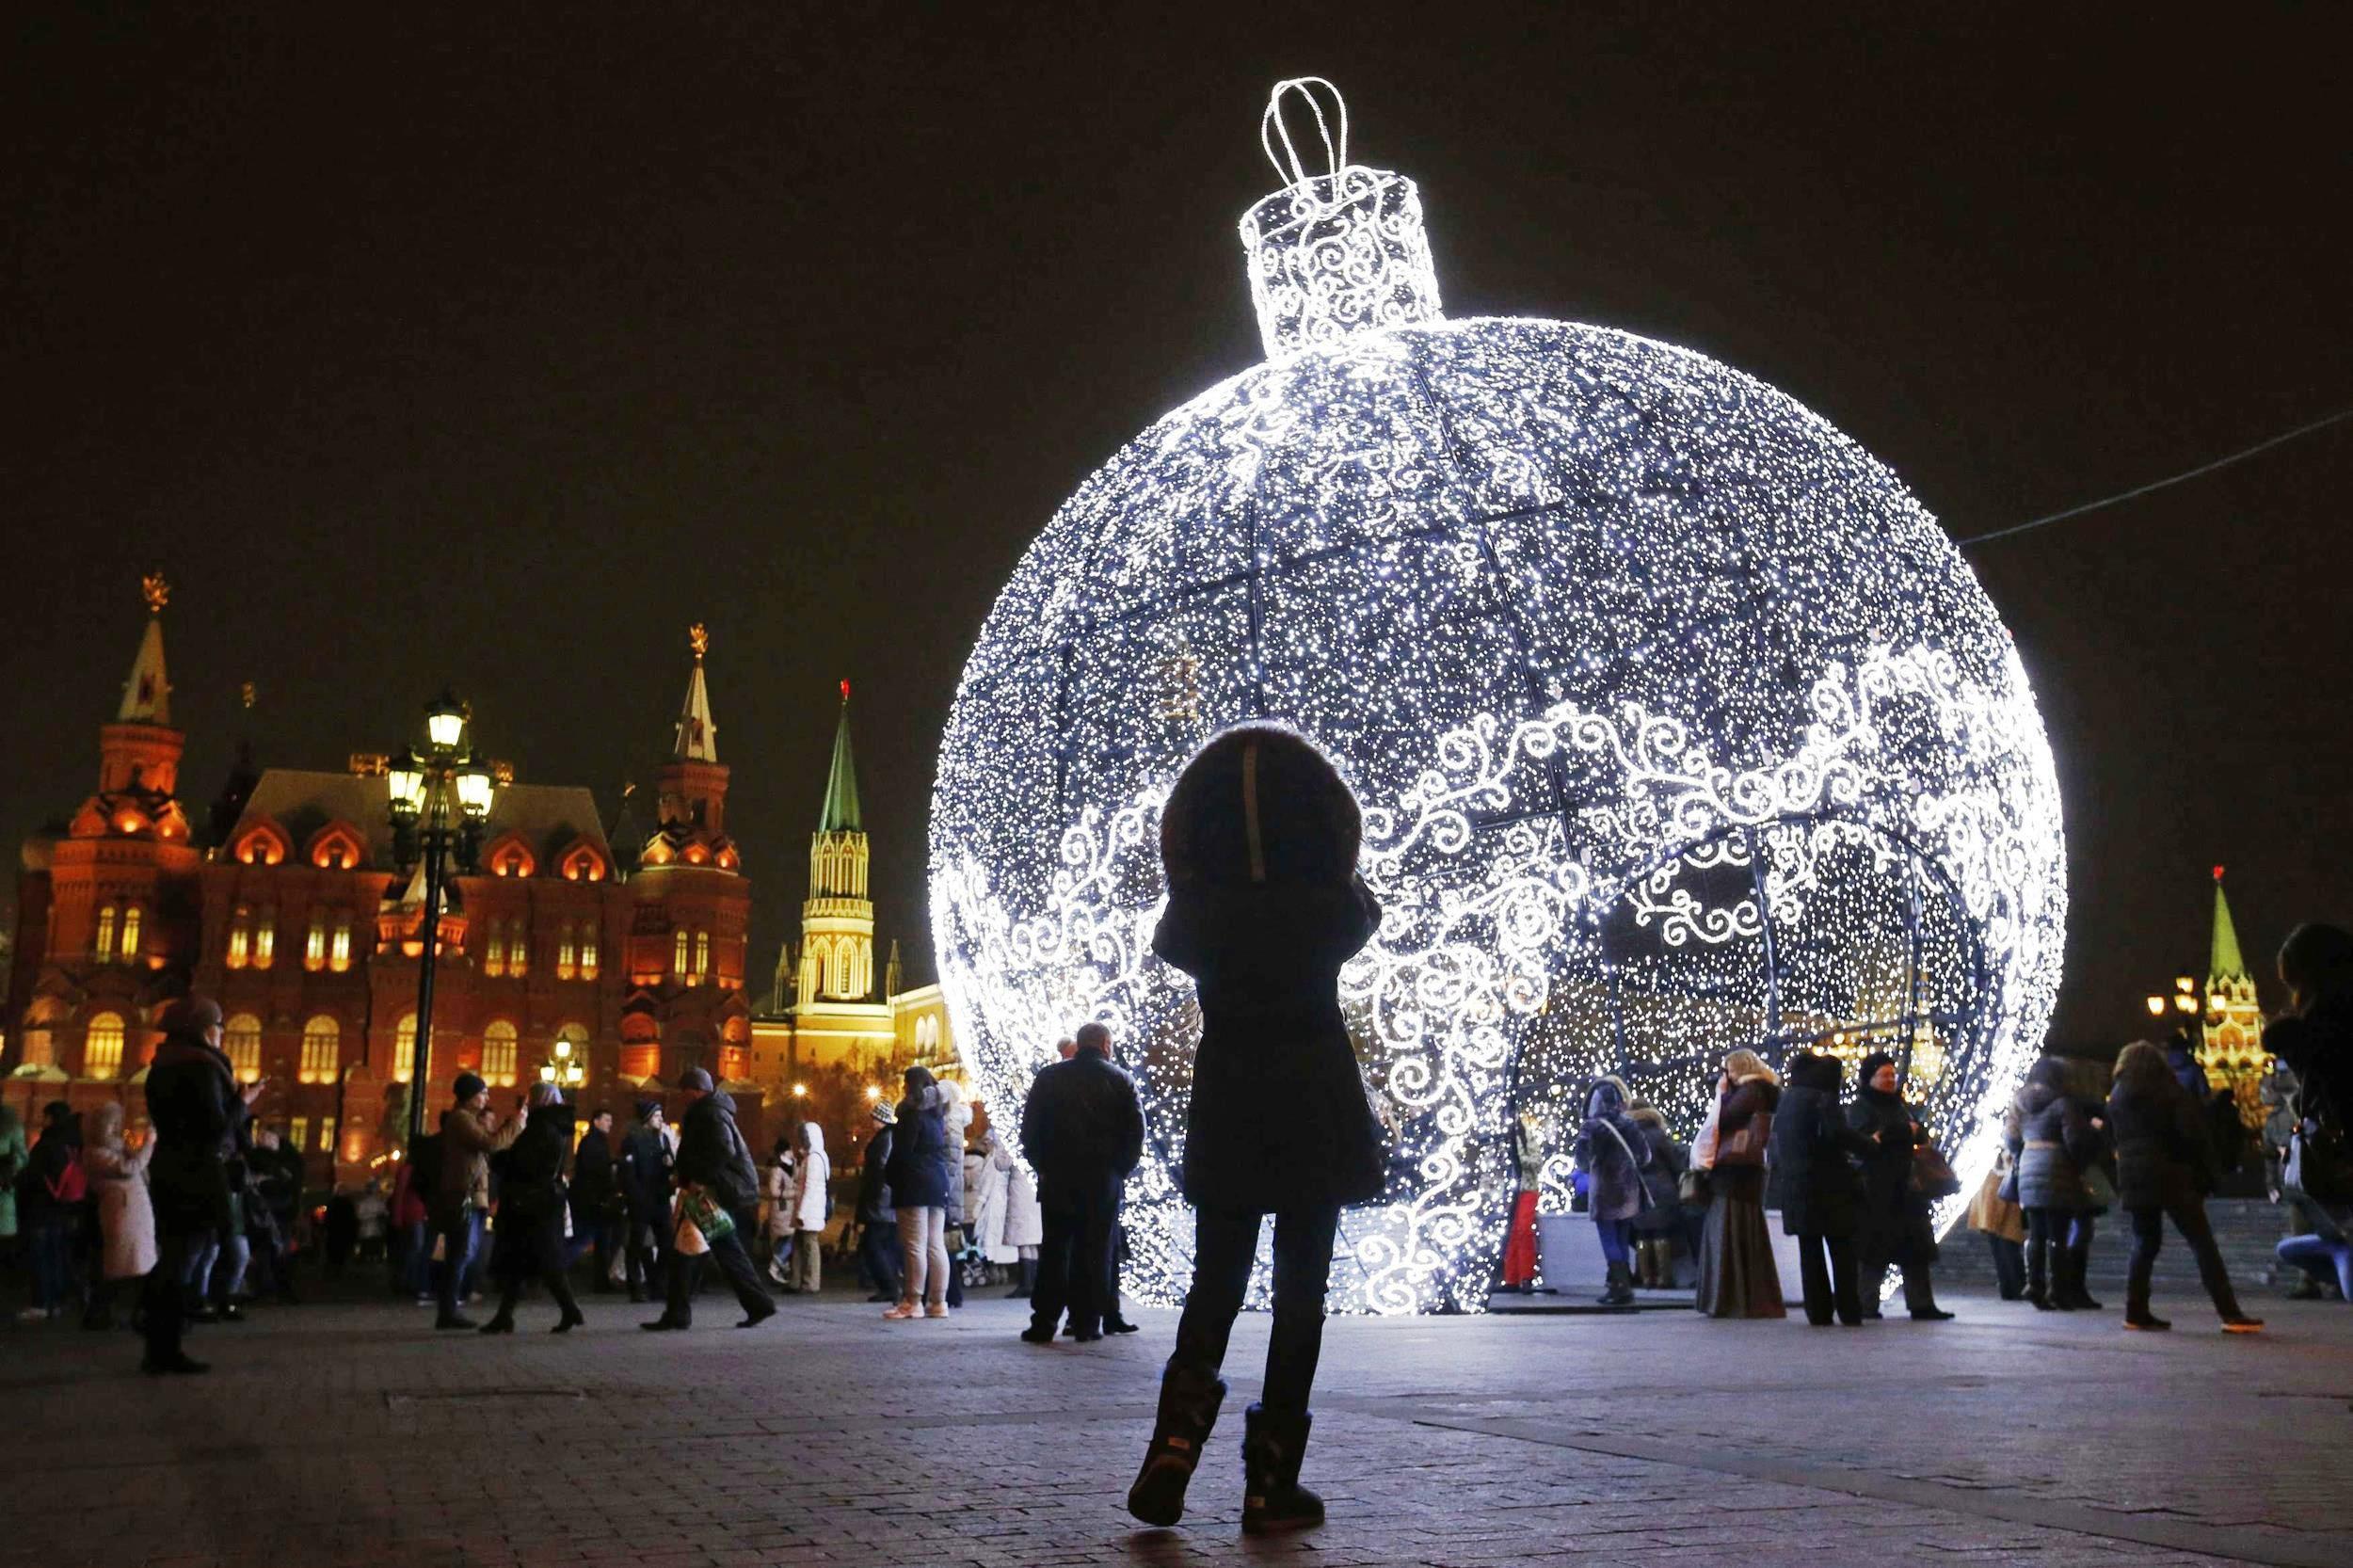 Картинка с новым годом москва 2019 шар, дню